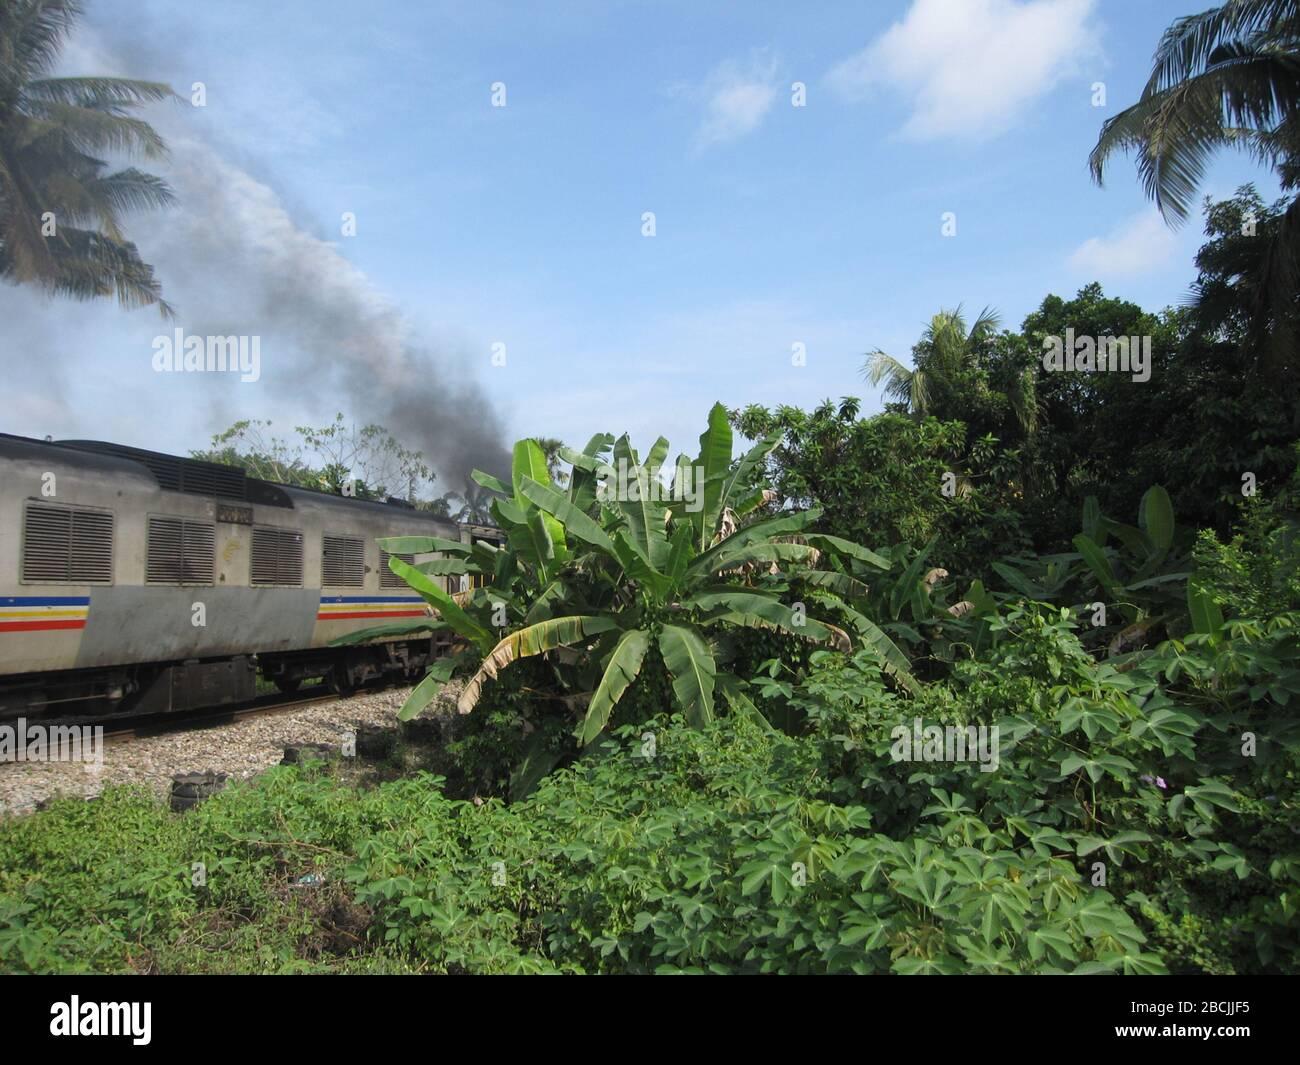 'Inglés: Humo de diesel y árboles. A 1 kilómetro al norte de Gemas en la línea este de Malasia, el ferrocarril de la selva, Gemas.; 23 de mayo de 2012; trabajo propio; Travelpleb; ' Foto de stock